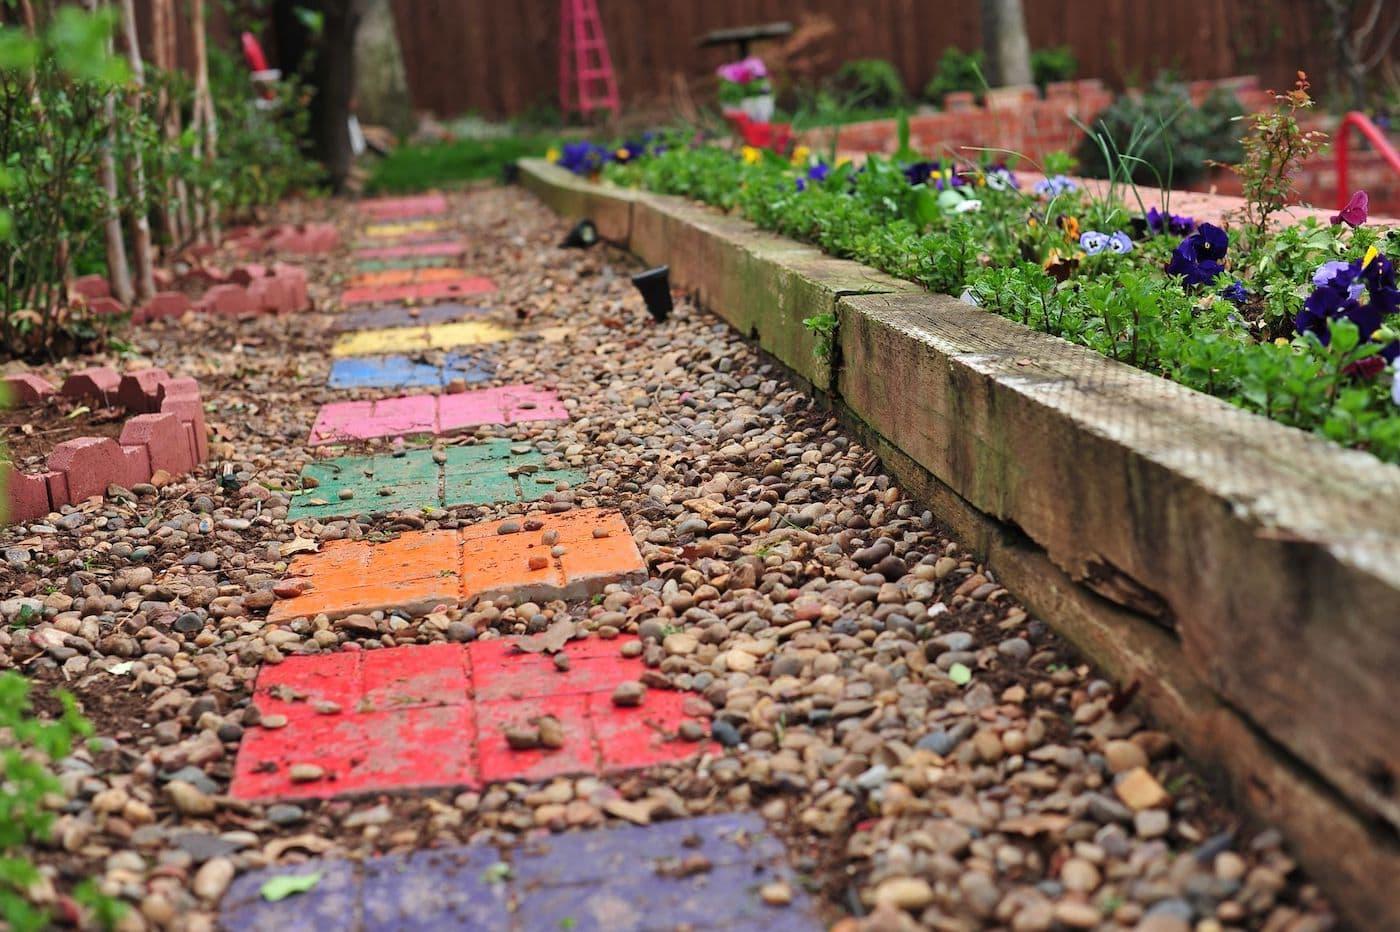 Разукрасив бетонную плитку и уложив ее на землю, можно получить оригинальную садовую дорожку